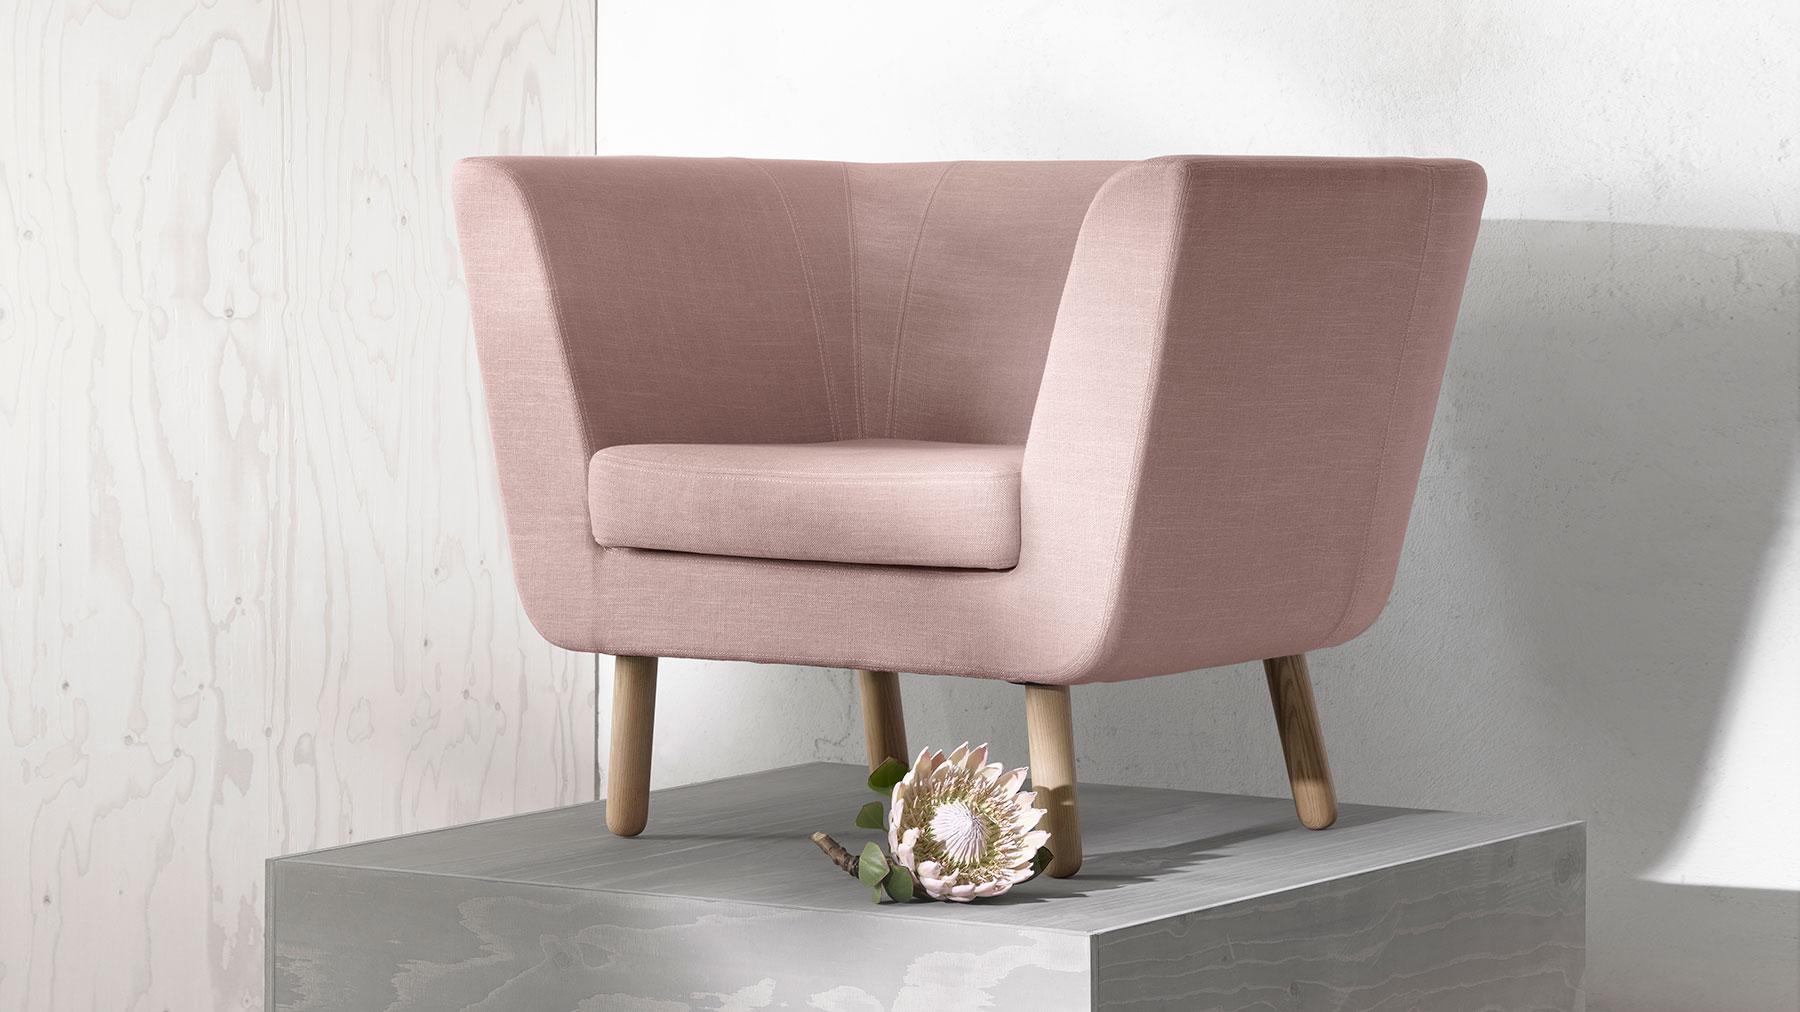 Nest Collection by Jesper Ståhl for Design House Stockholm